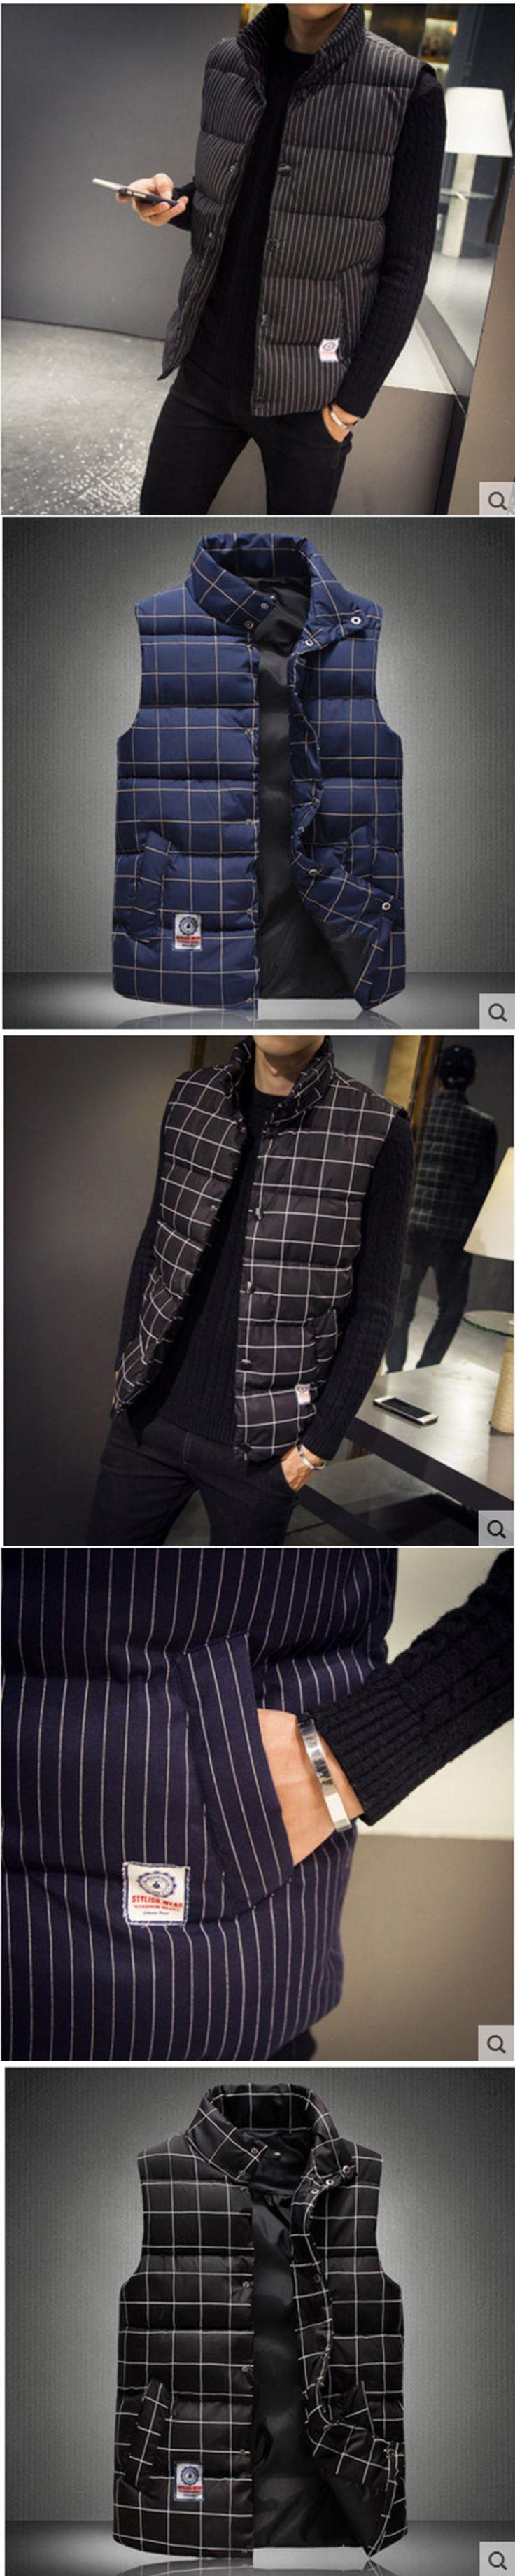 Autumn and winter cotton vest men large size striped plaid imitation feather vest men socks slash shoulder jacket